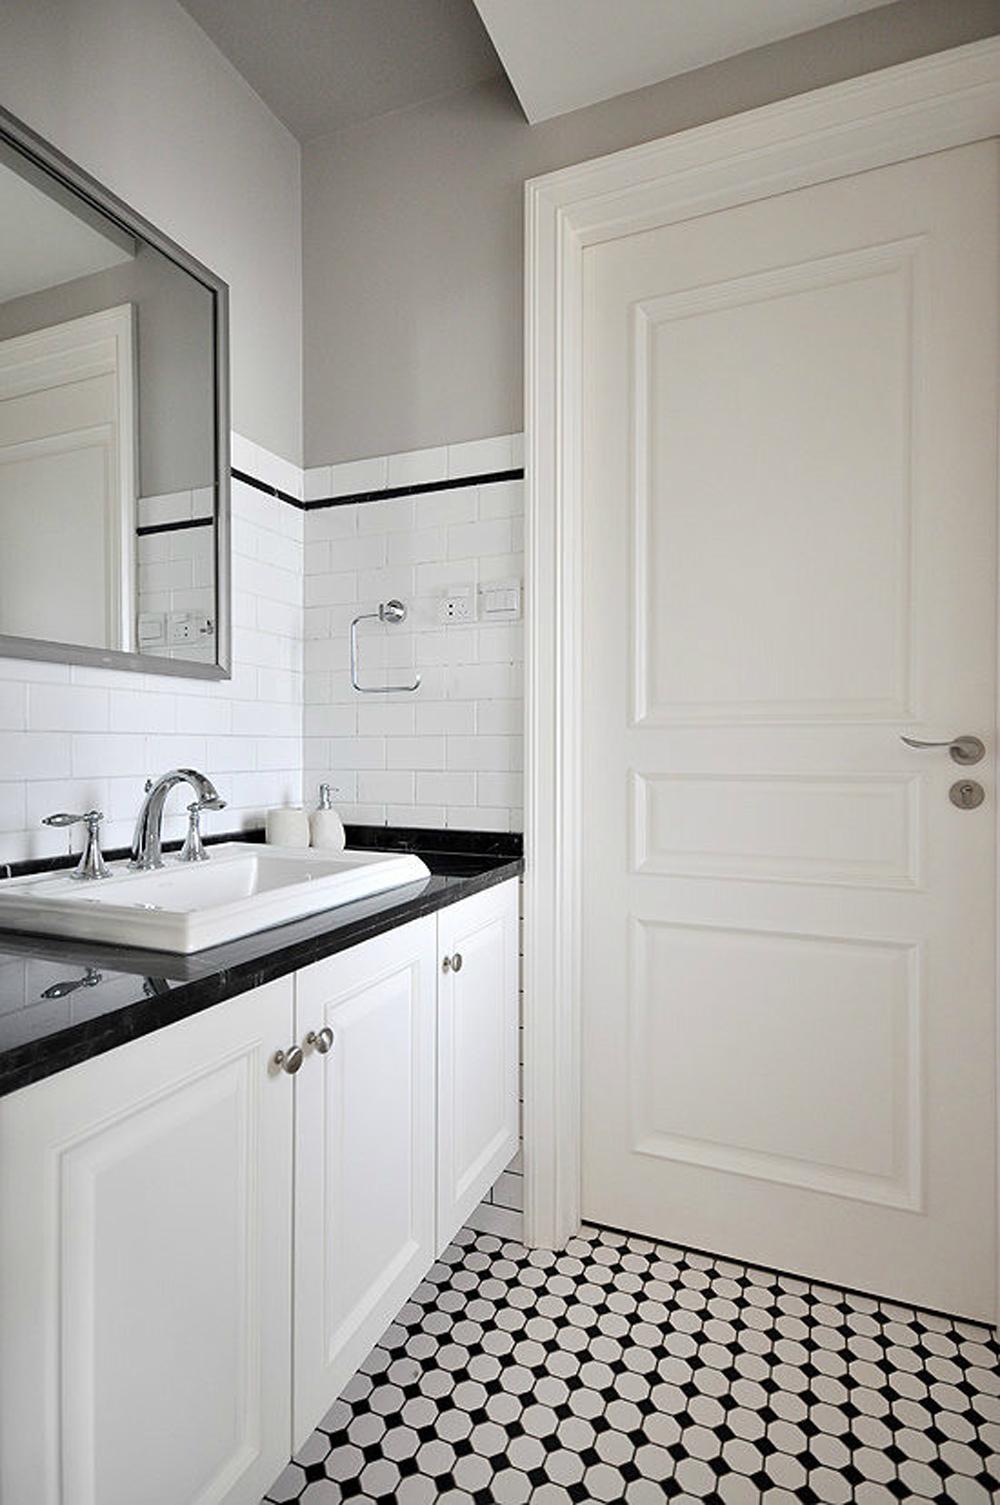 现代 简约 温馨 舒适 浅色调 小资 80后 卫生间图片来自成都生活家装饰在82平现代简约舒适家的分享